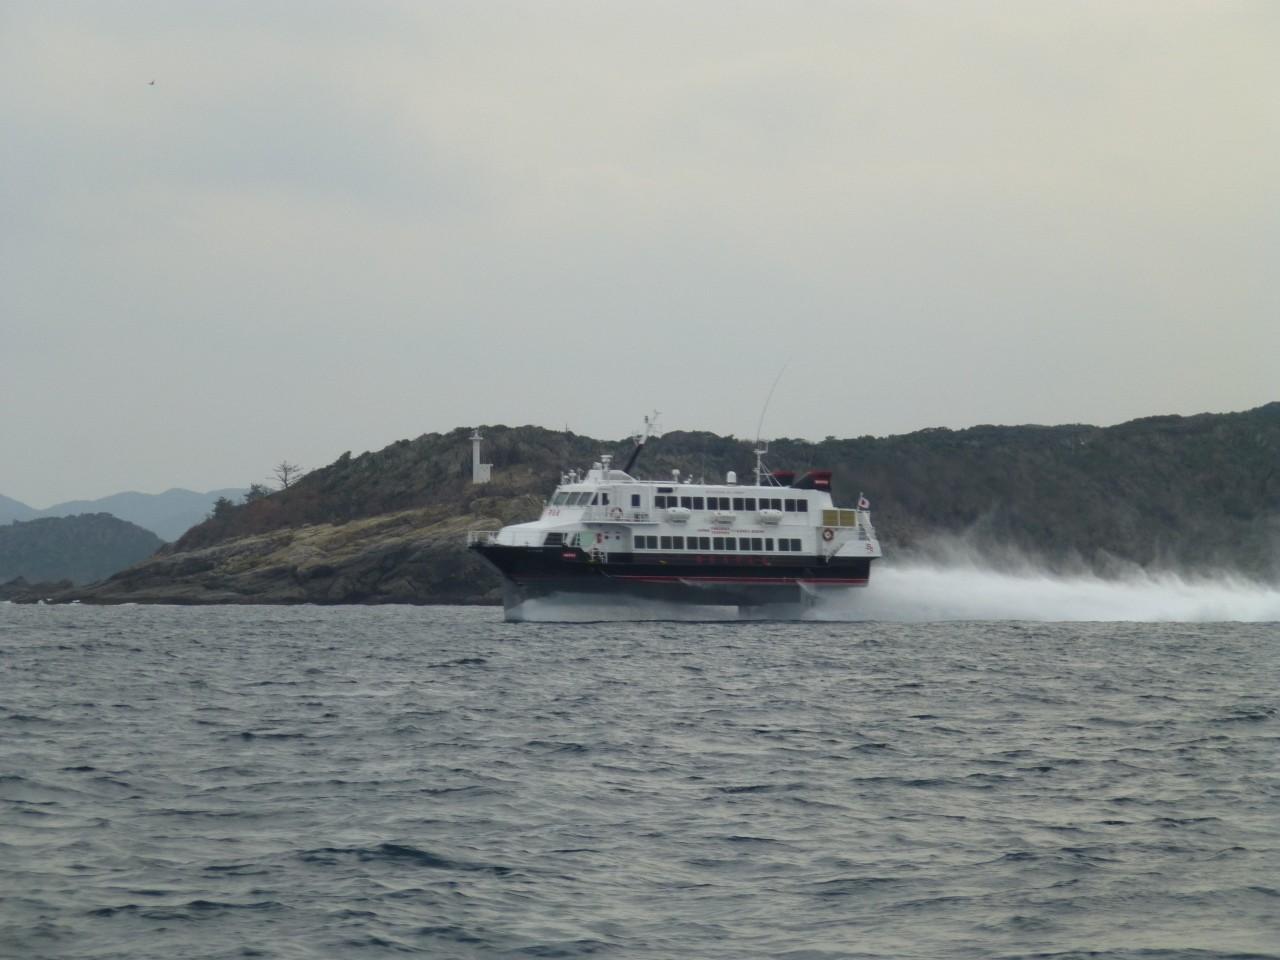 1月5日比田勝港出口 高速艇ビートル釜山へ